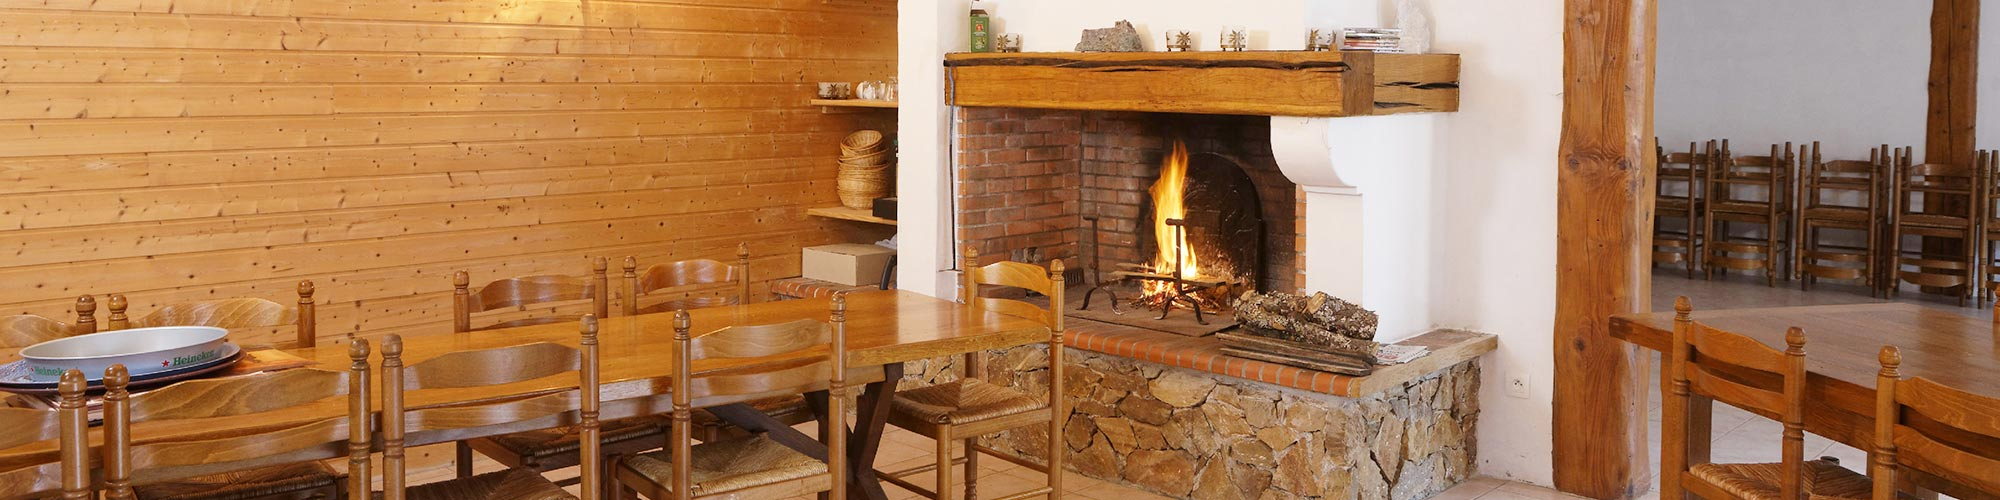 TAILLADE DE MONTSEGUR locations vacances Sud France, de type chalet en bois en Ariège dans les pyrénées en ariège dans les pyrénées